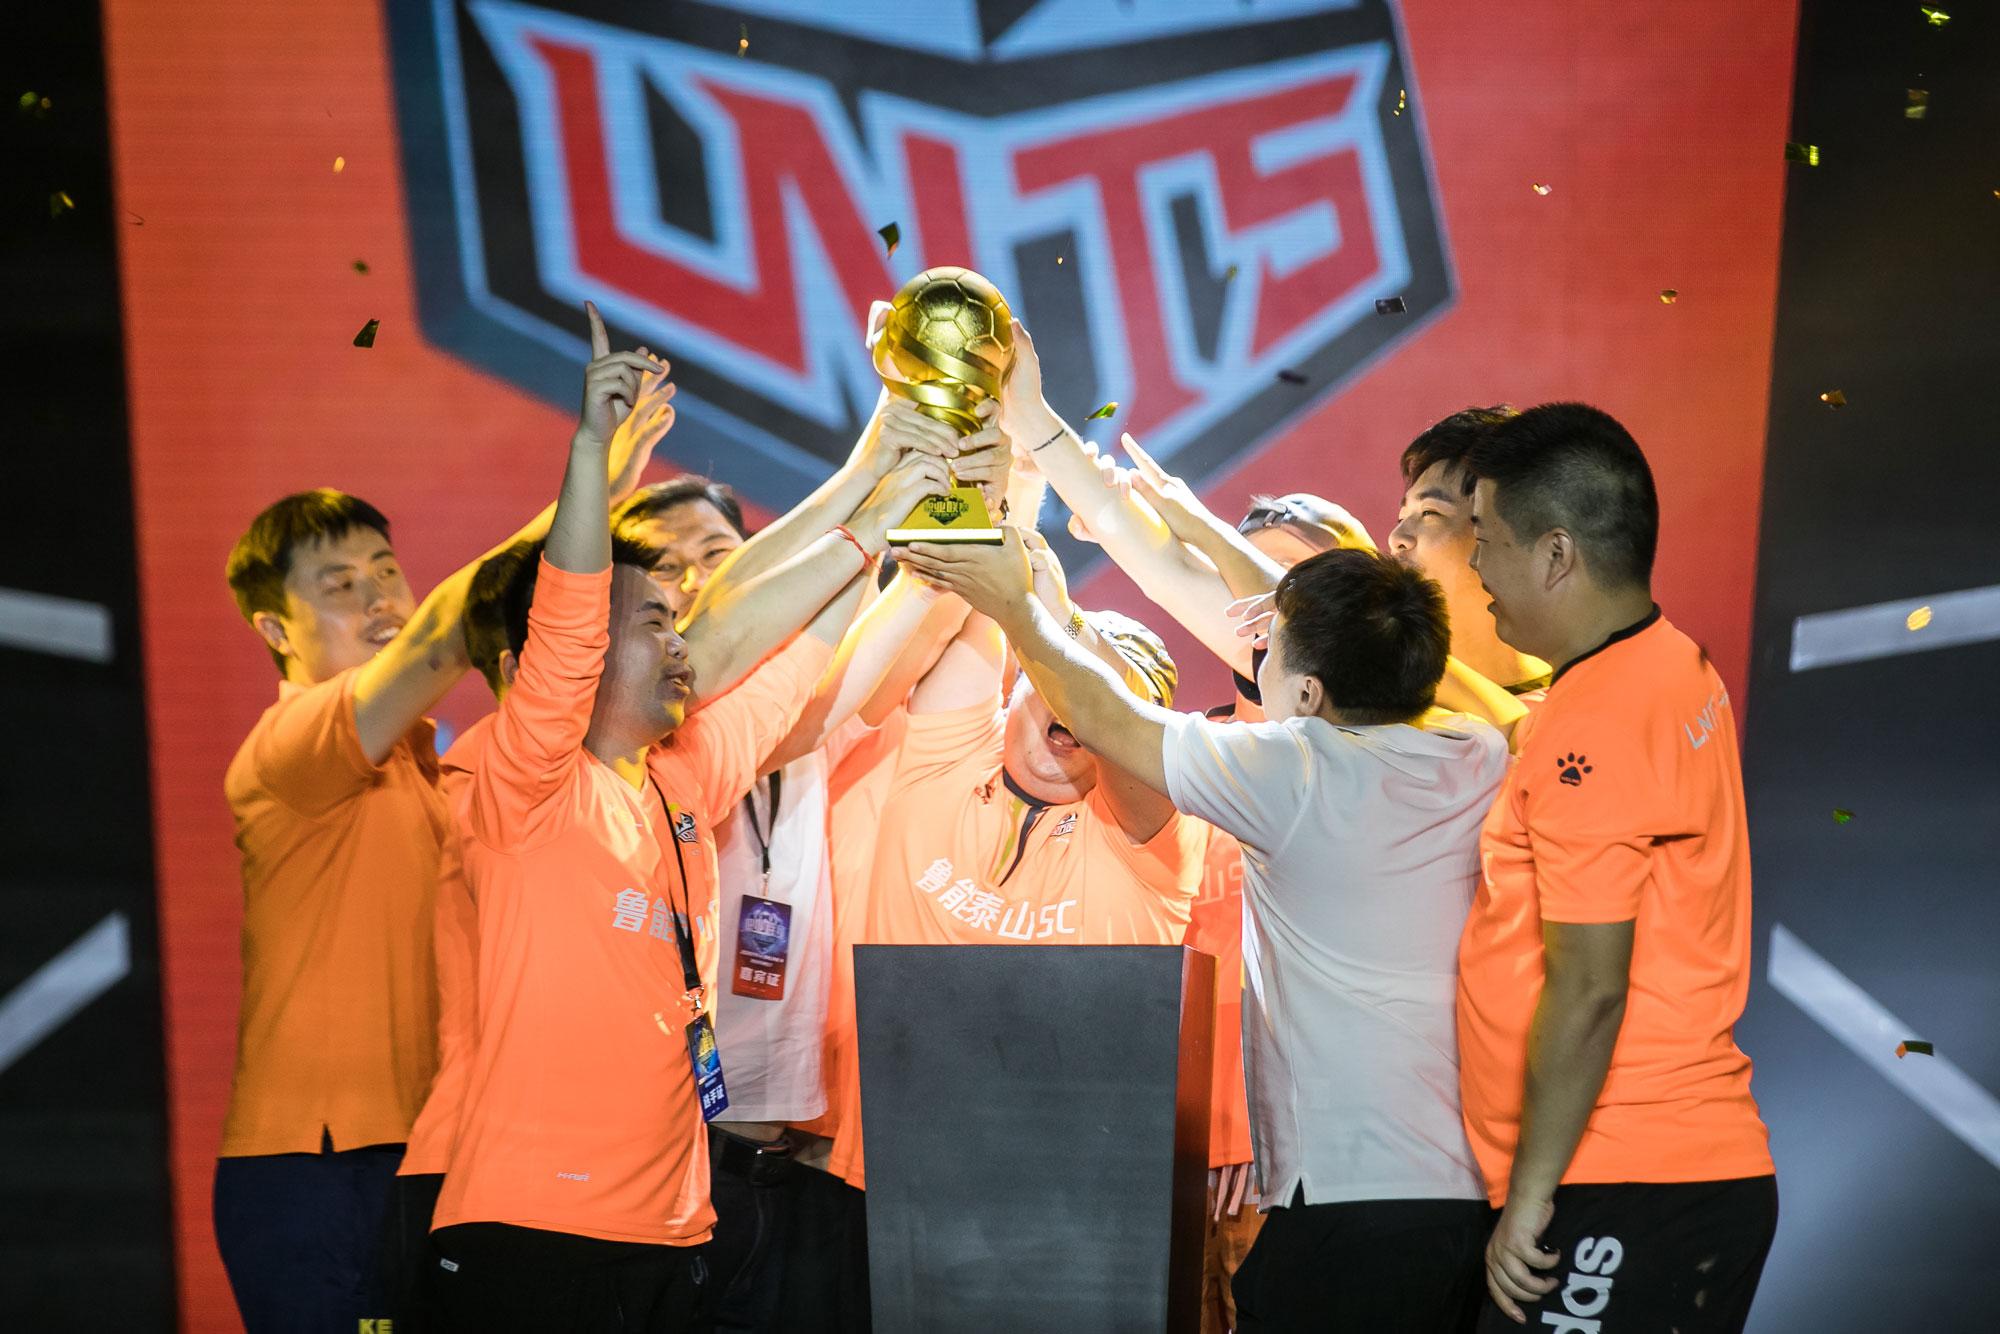 橙色风暴!鲁能泰山SC主场斩获FIFA Online 4 S7赛季总冠军